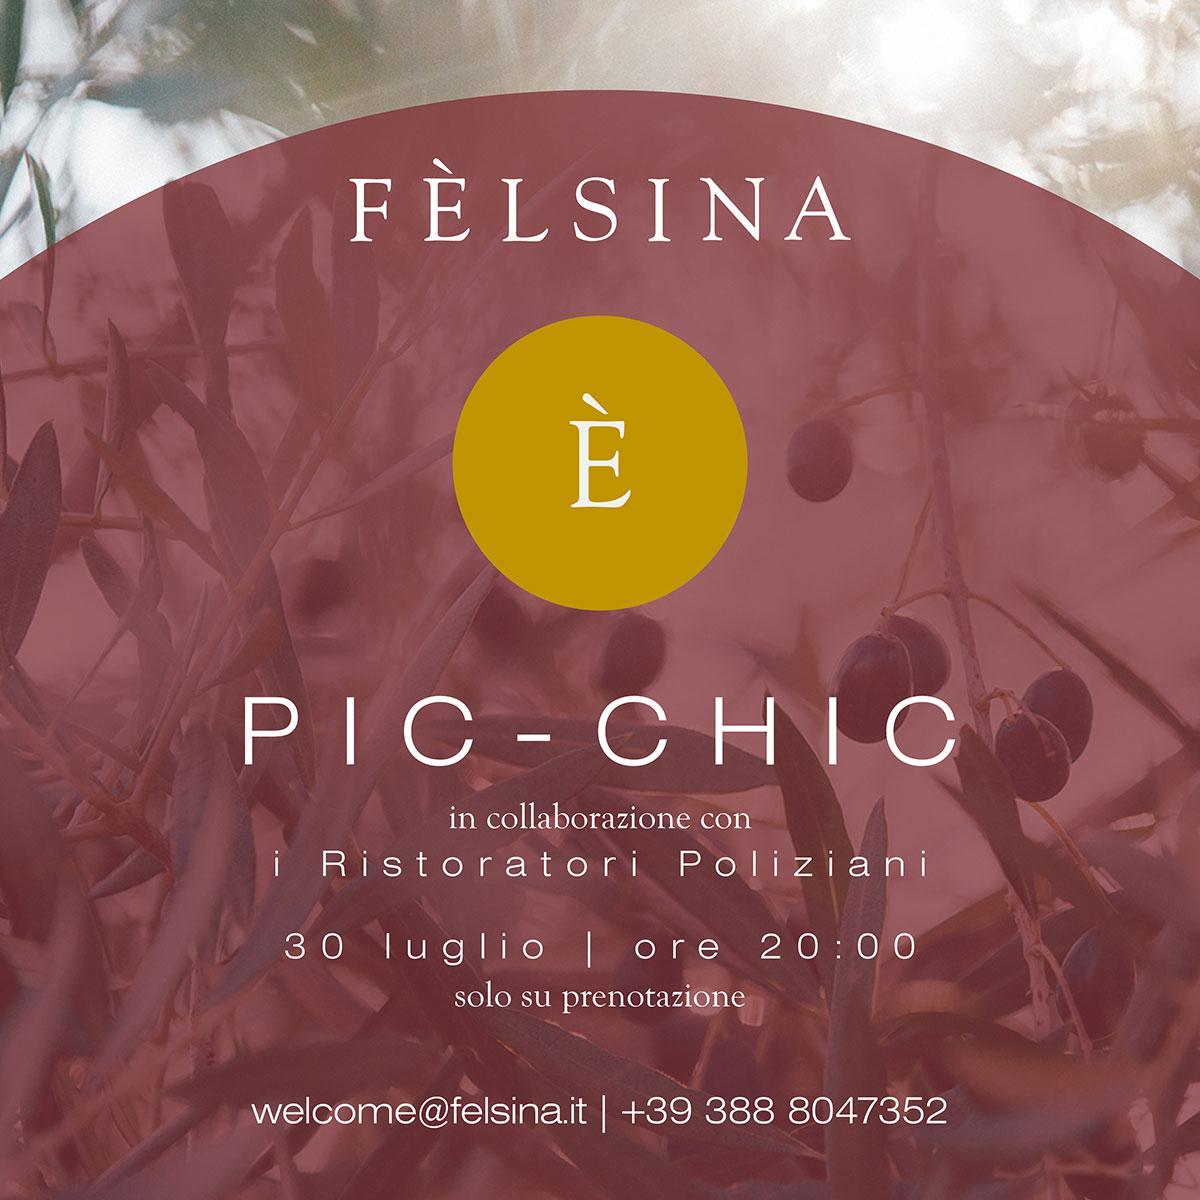 FELSINA-PIC-CHIC-30-LUGLIO-2020_BOX